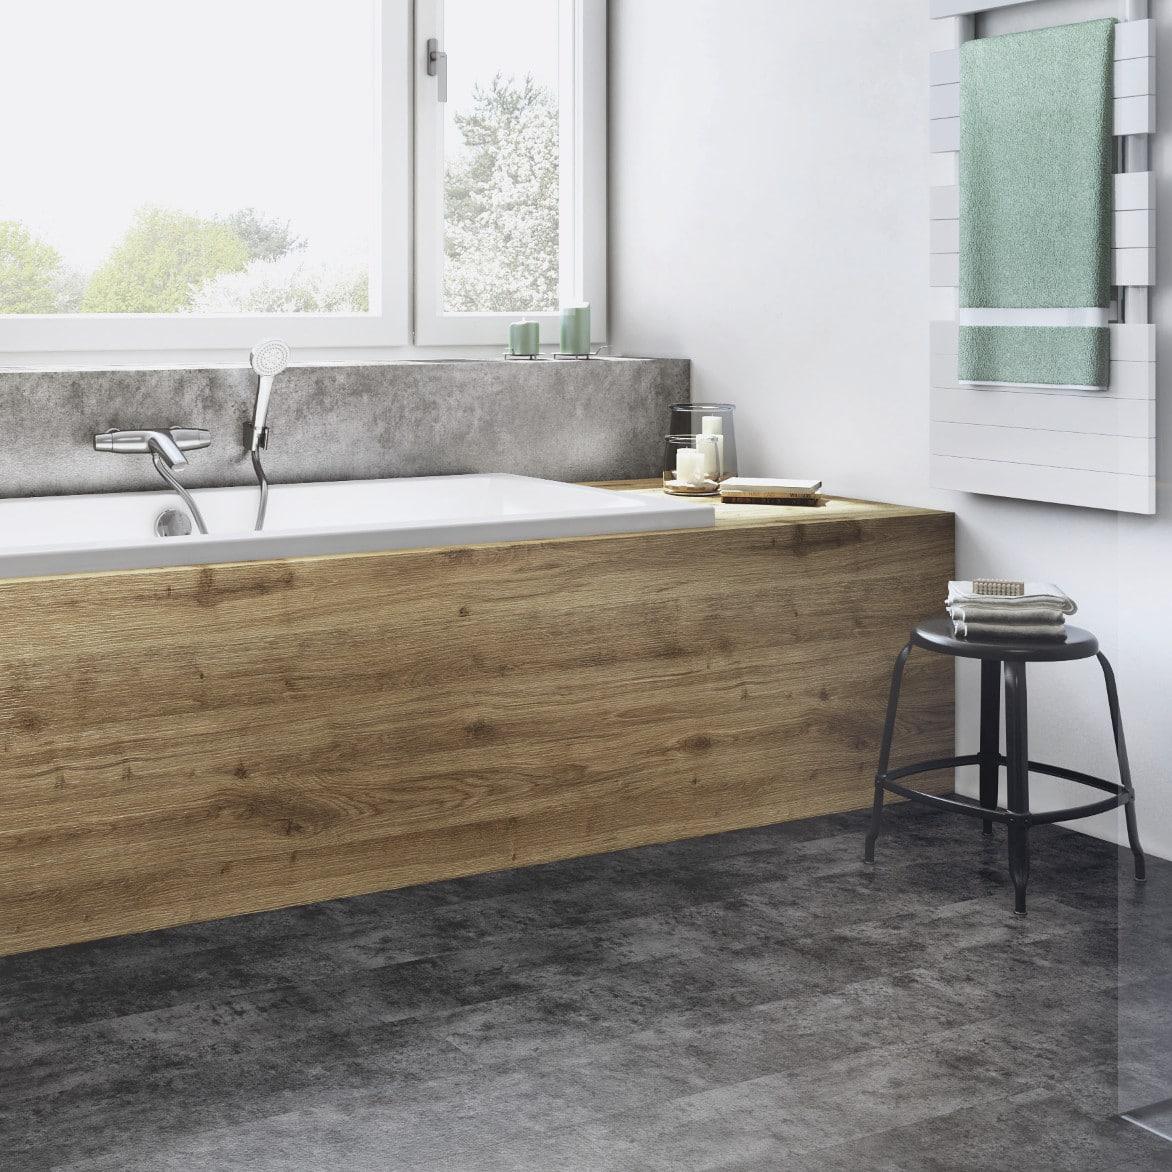 Badrenovierung mit Badewanne